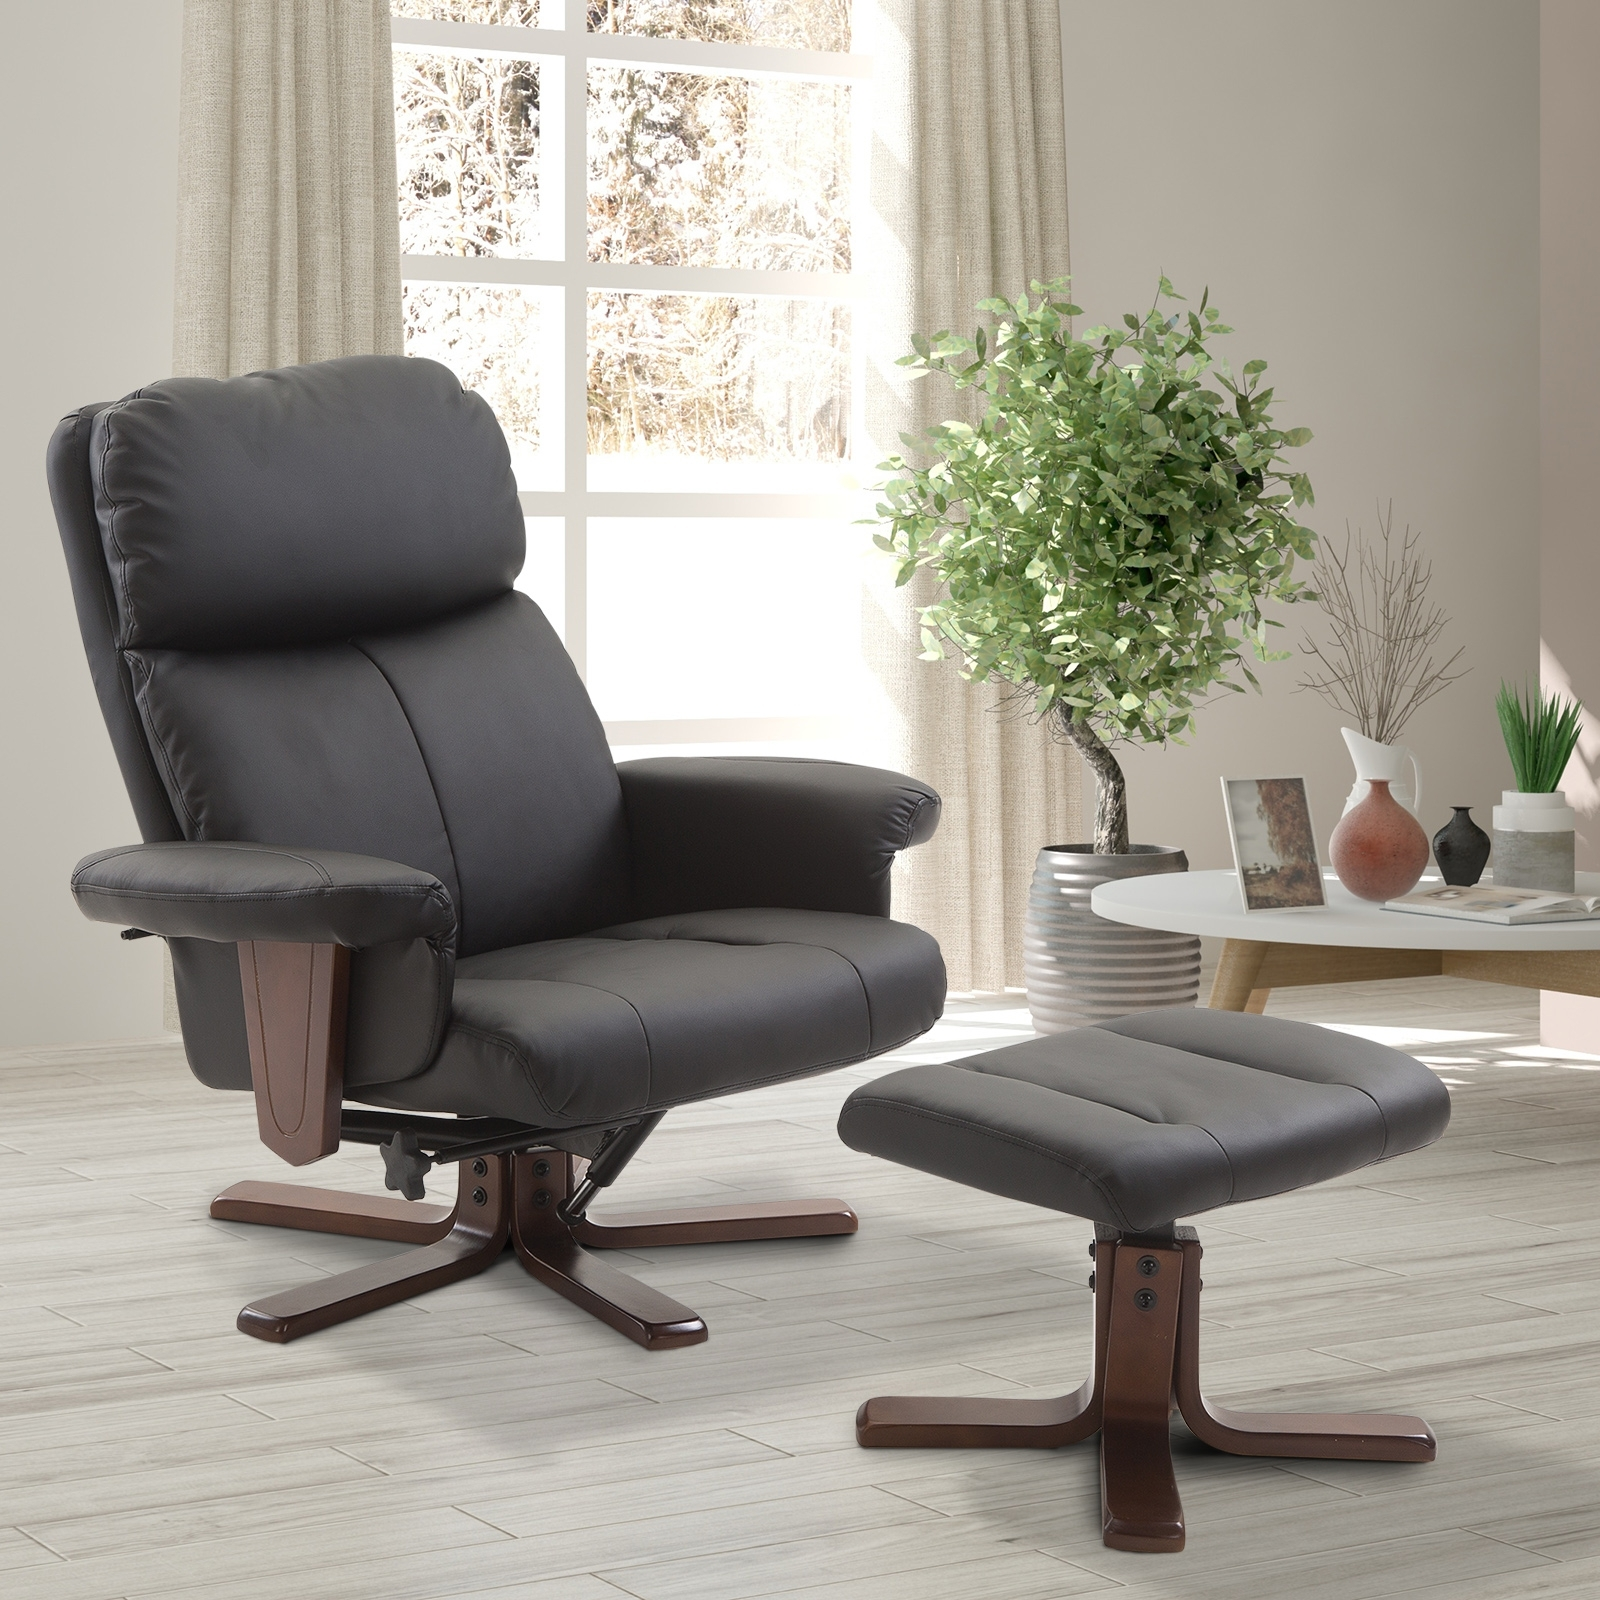 EUR199,90 Homcom Fauteuil Relax Style Contemporain Grand Confort inclinable pivotant  Repose-Pieds intégré Bois Simili Cuir Noir   avec Repose-Pied à 360° ... b115f10a52c2